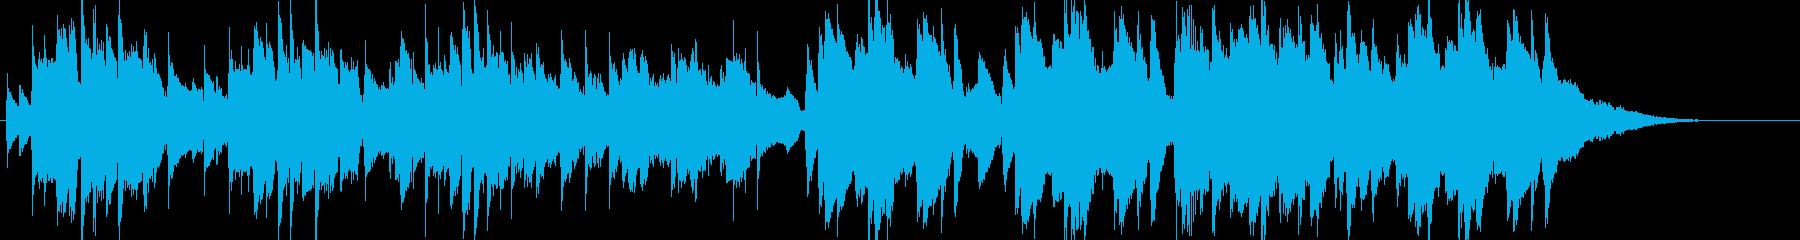 切ないアコースティックギターBGMの再生済みの波形